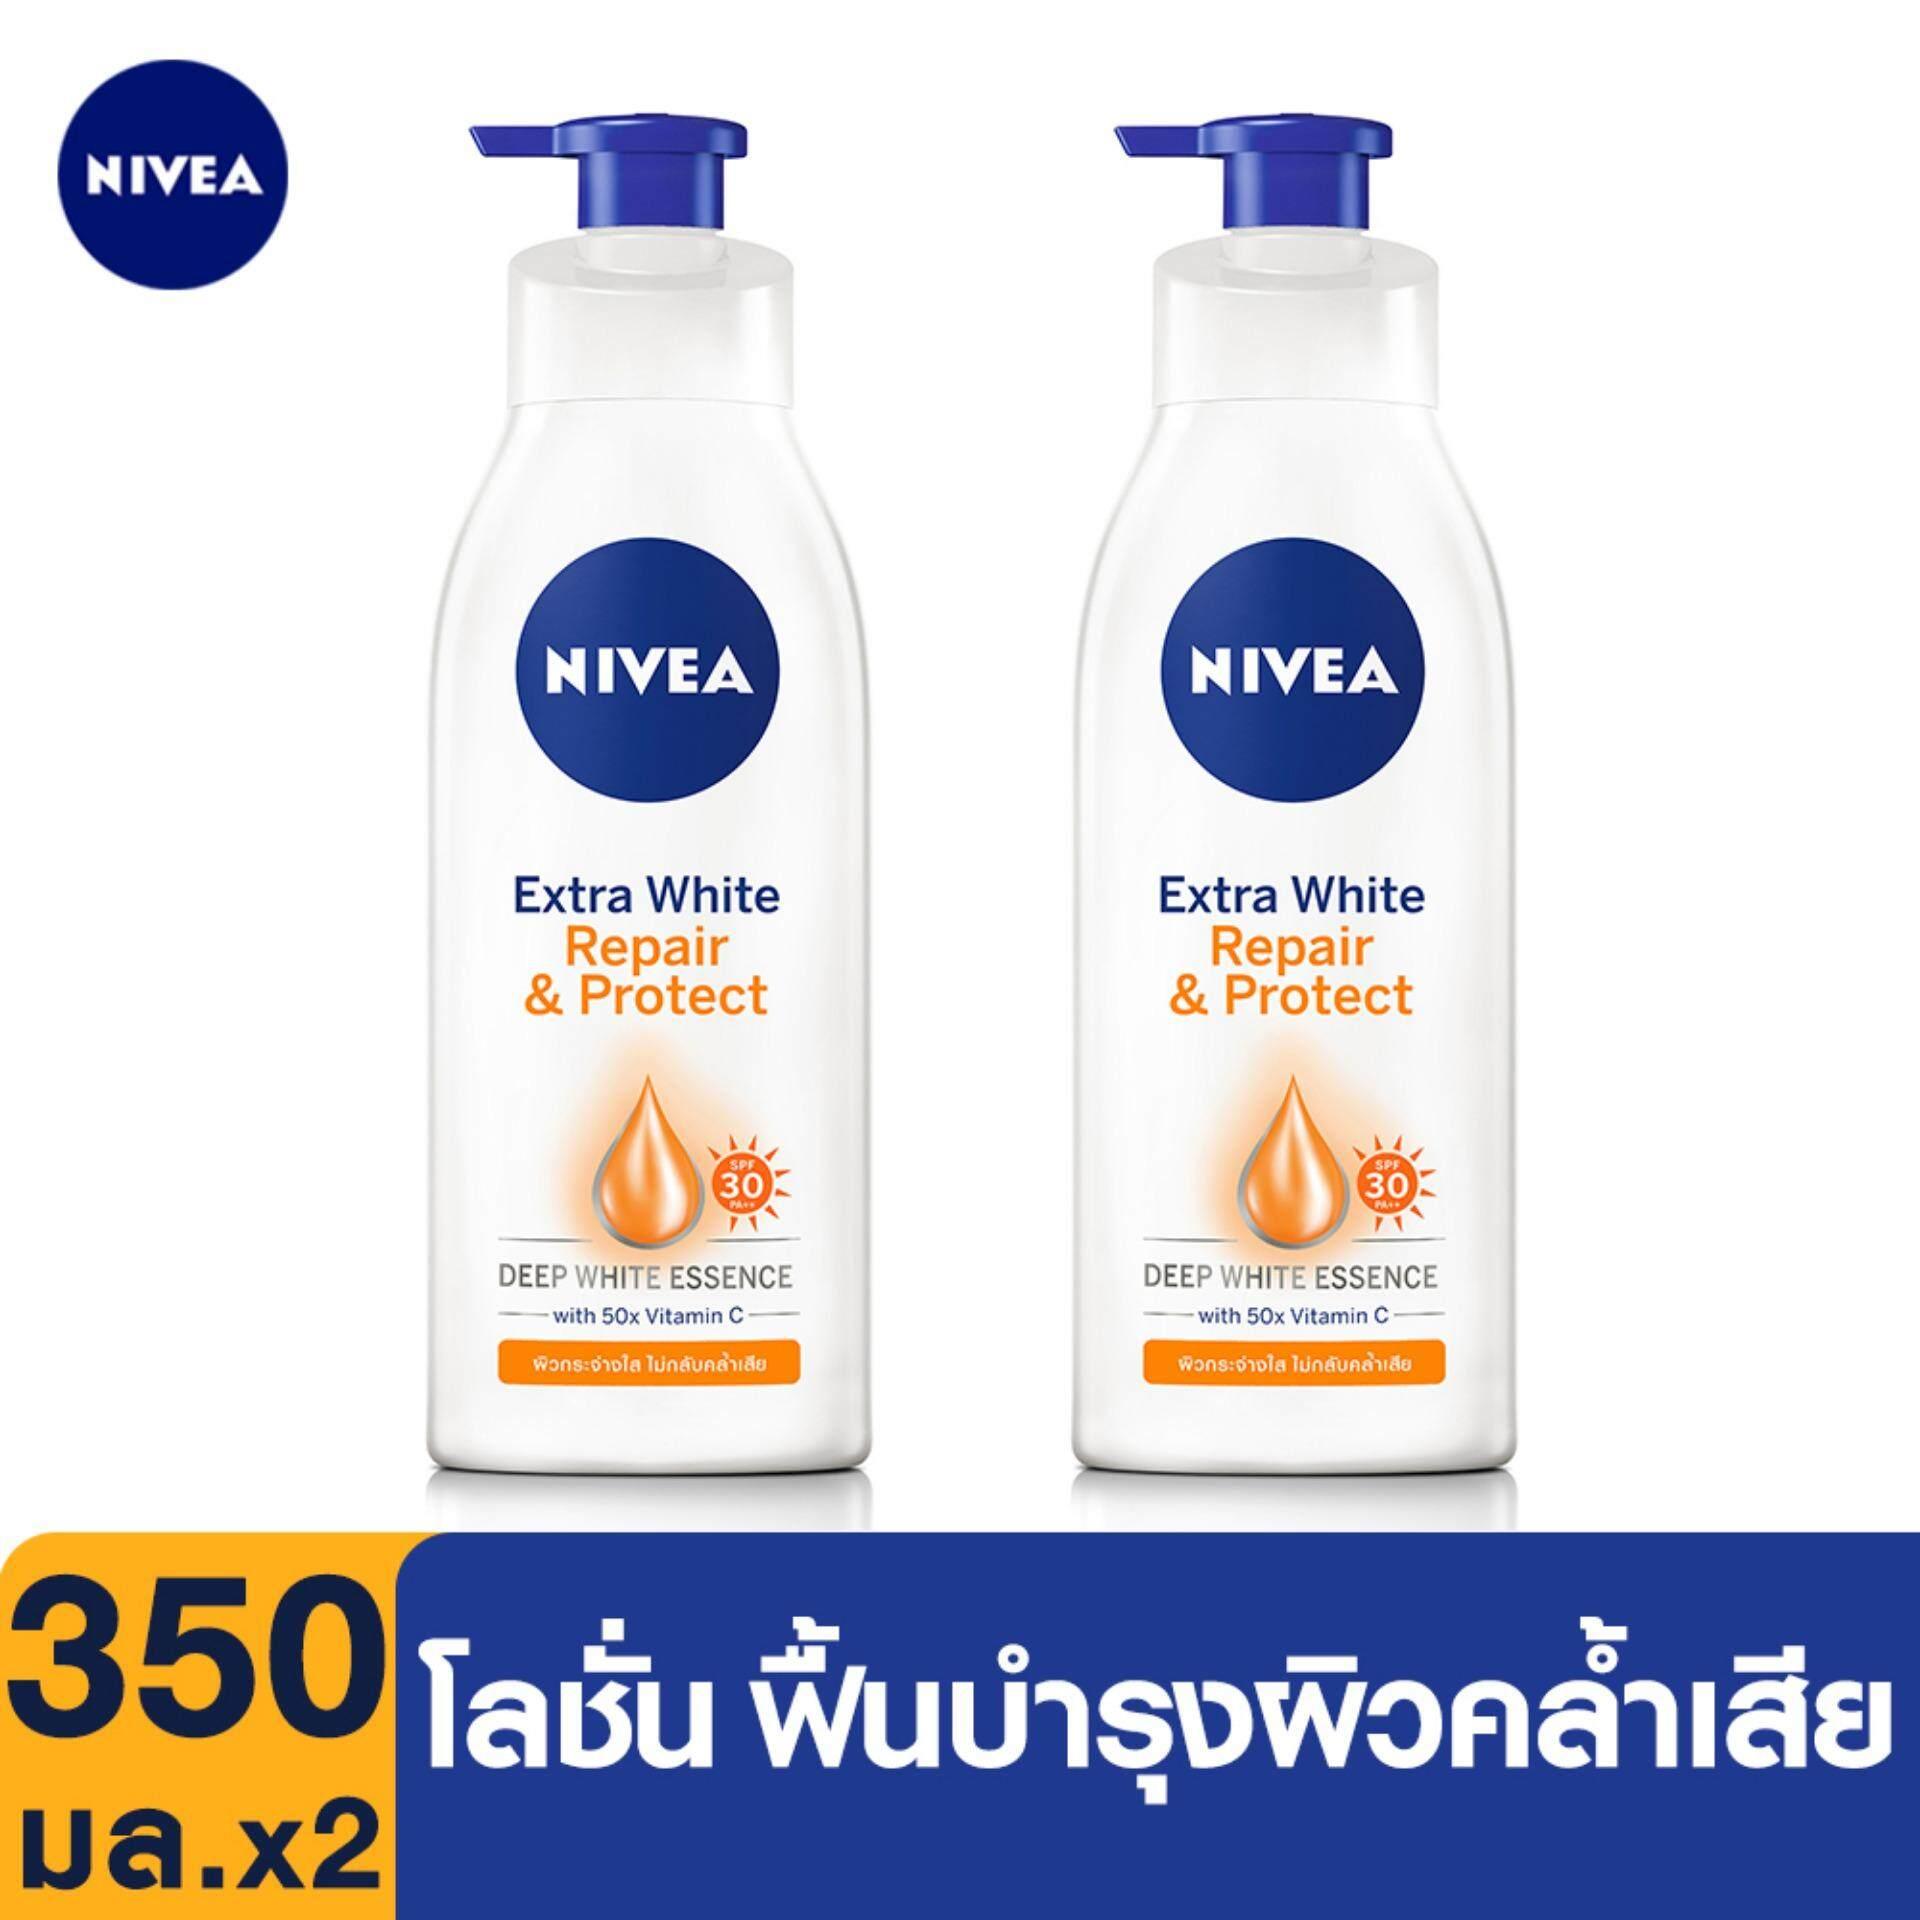 นีเวีย เอ็กซ์ตร้า ไวท์ รีแพร์ แอนด์ โพรเทค เอสพีเอฟ30 โลชั่น 350 มล. 2 ชิ้น NIVEA Body Extra White Repair and Protect Lotion 350 ml. 2 pcs. (ไวท์เทนนิ่ง, โลชั่นผิวแห้ง, ครีมทาผิวขาว, ครีมทาผิว, โลชั่นผิวขาว, ดูแลผิว, ผิวเสีย, วิตามินซี)